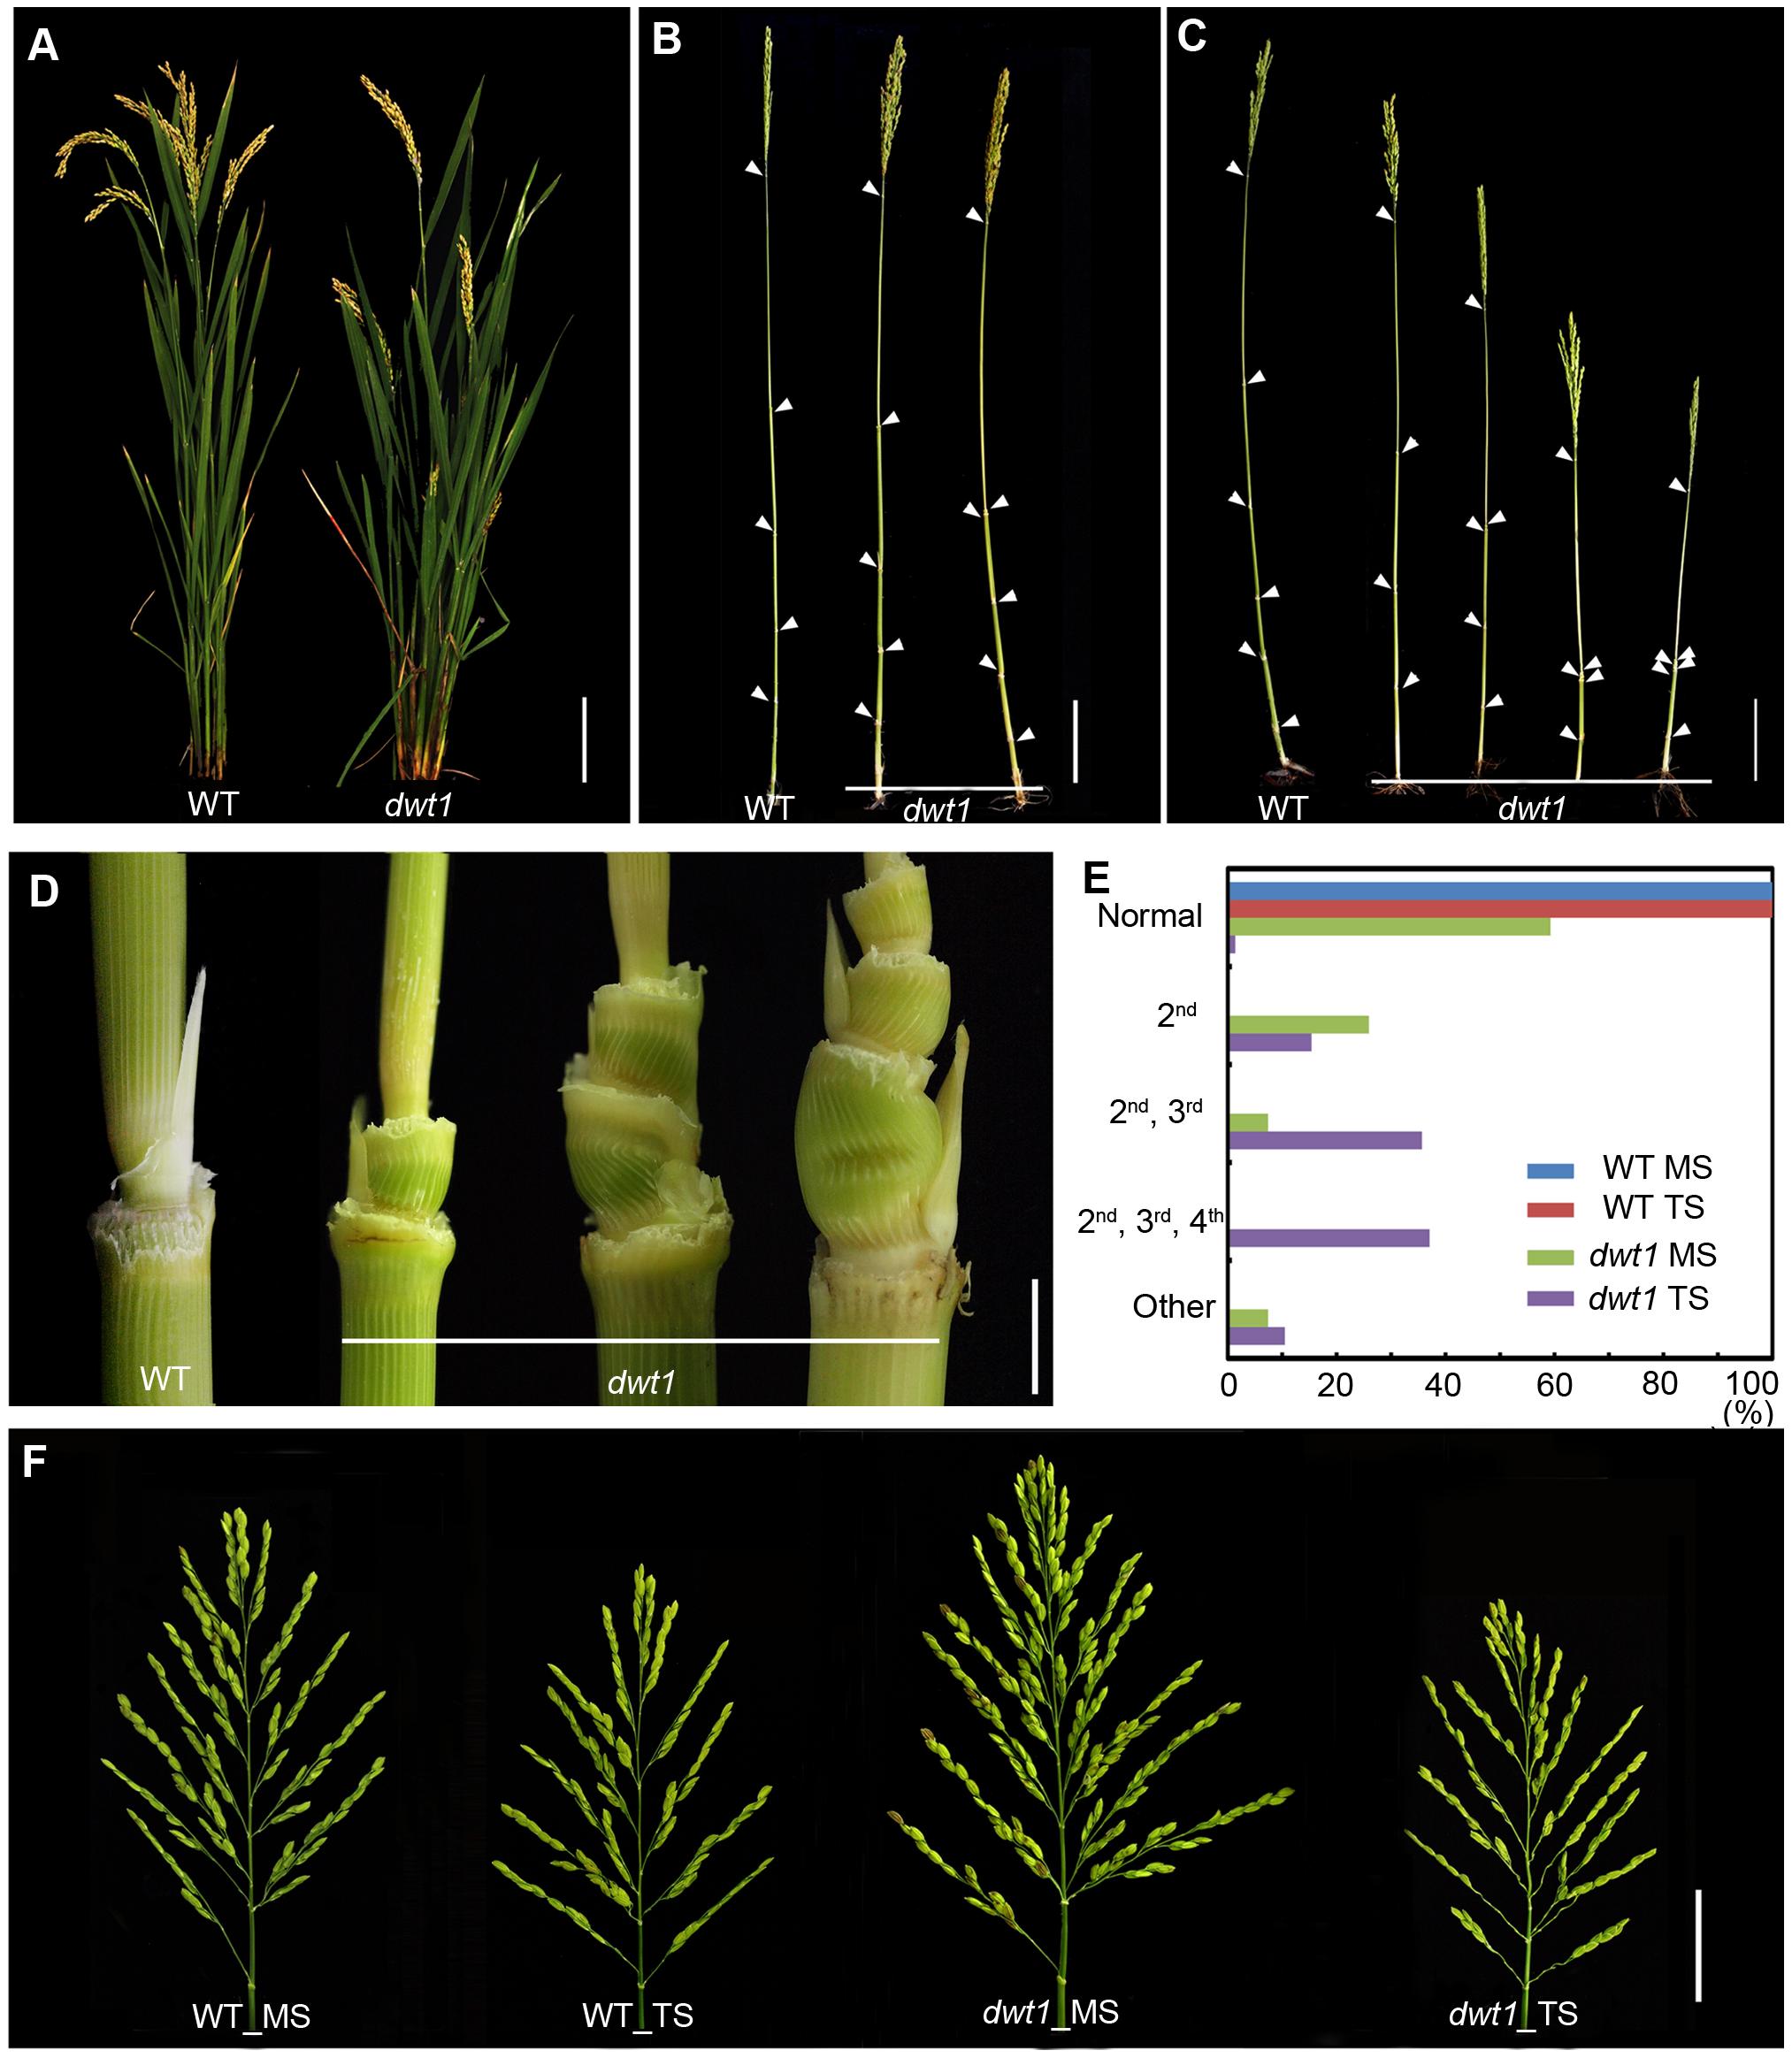 The <i>dwt1</i> mutant plants display morphological defects.